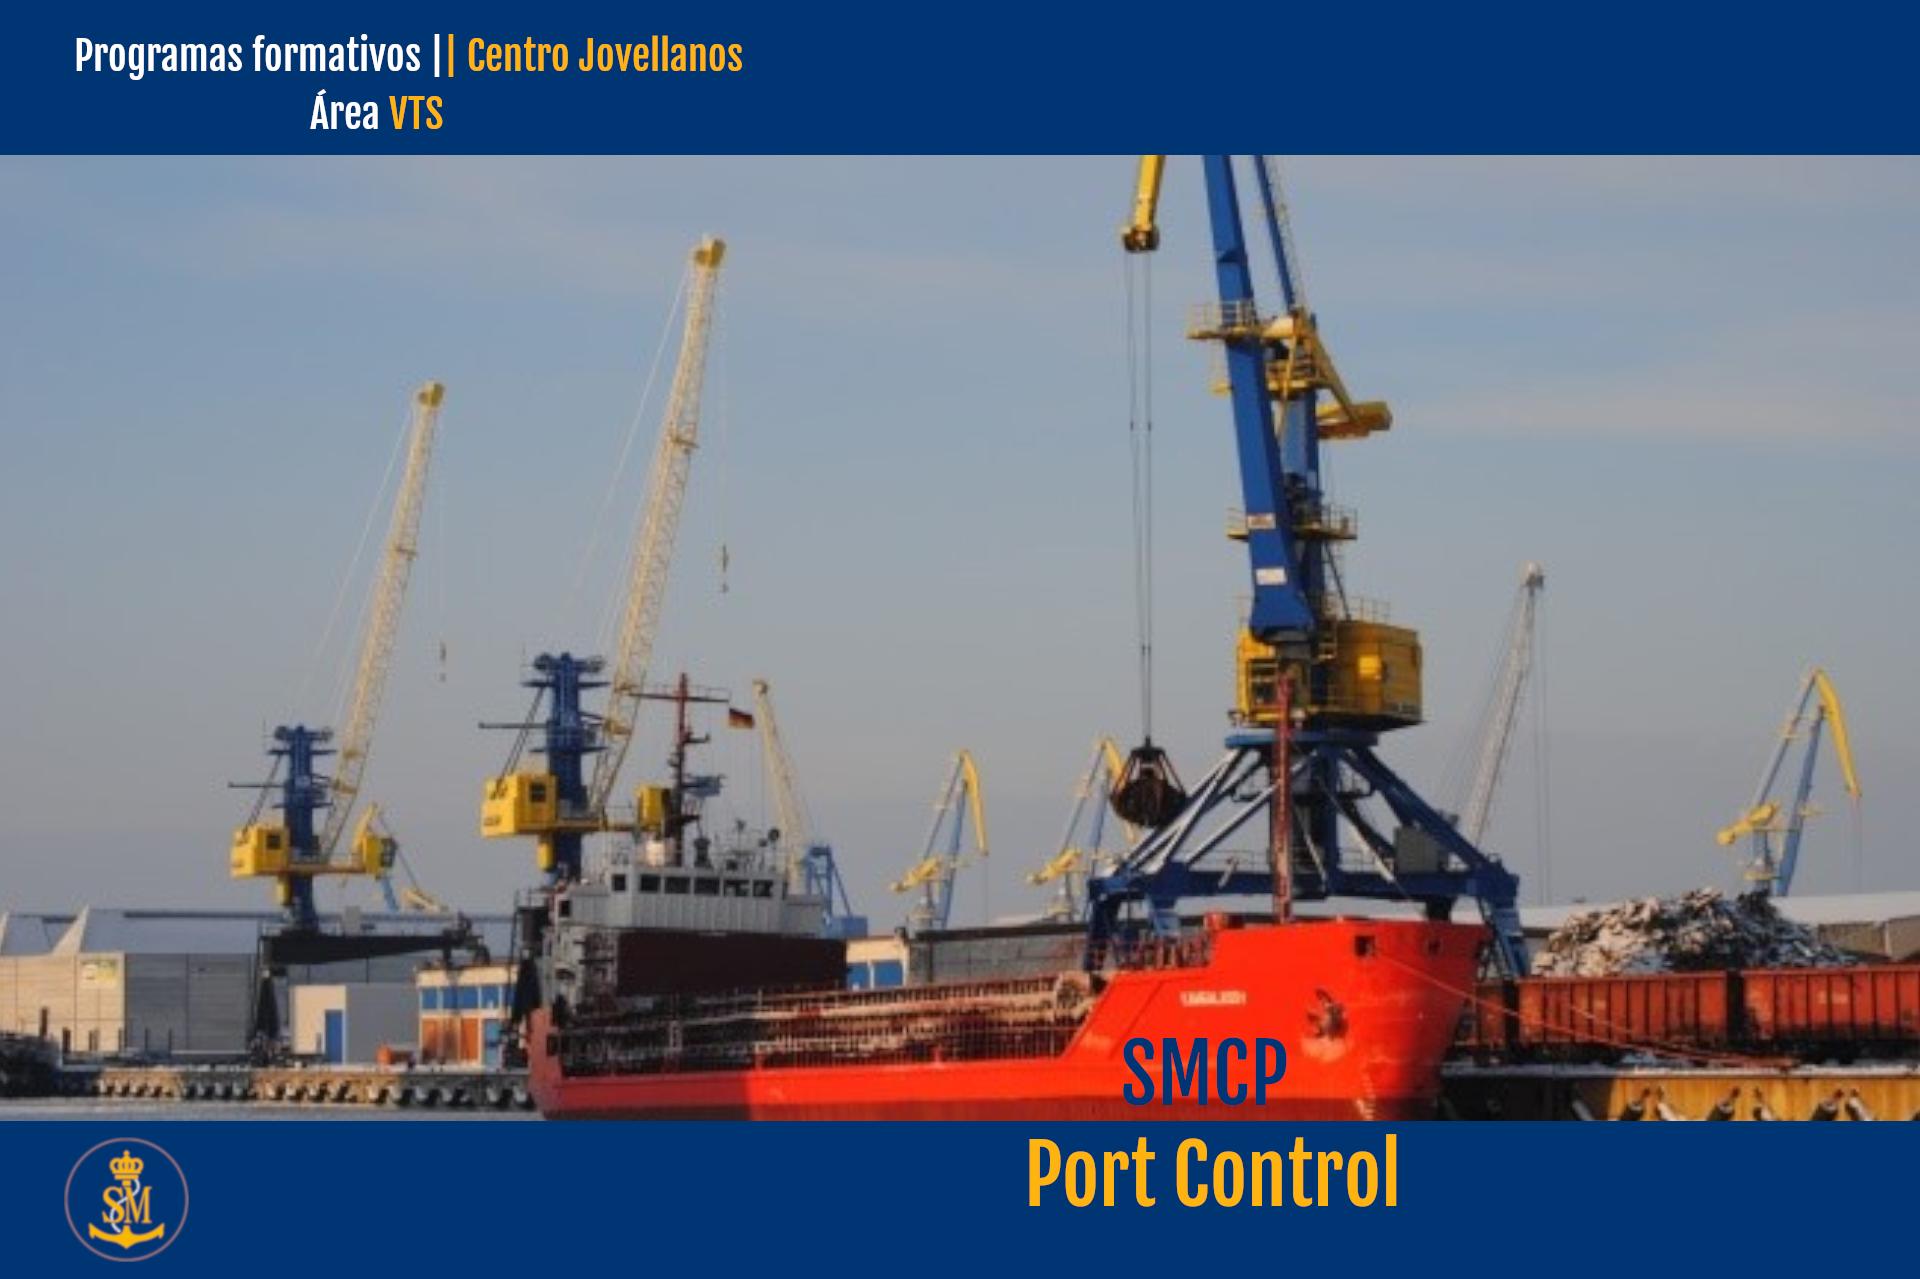 SMCP. Port Control